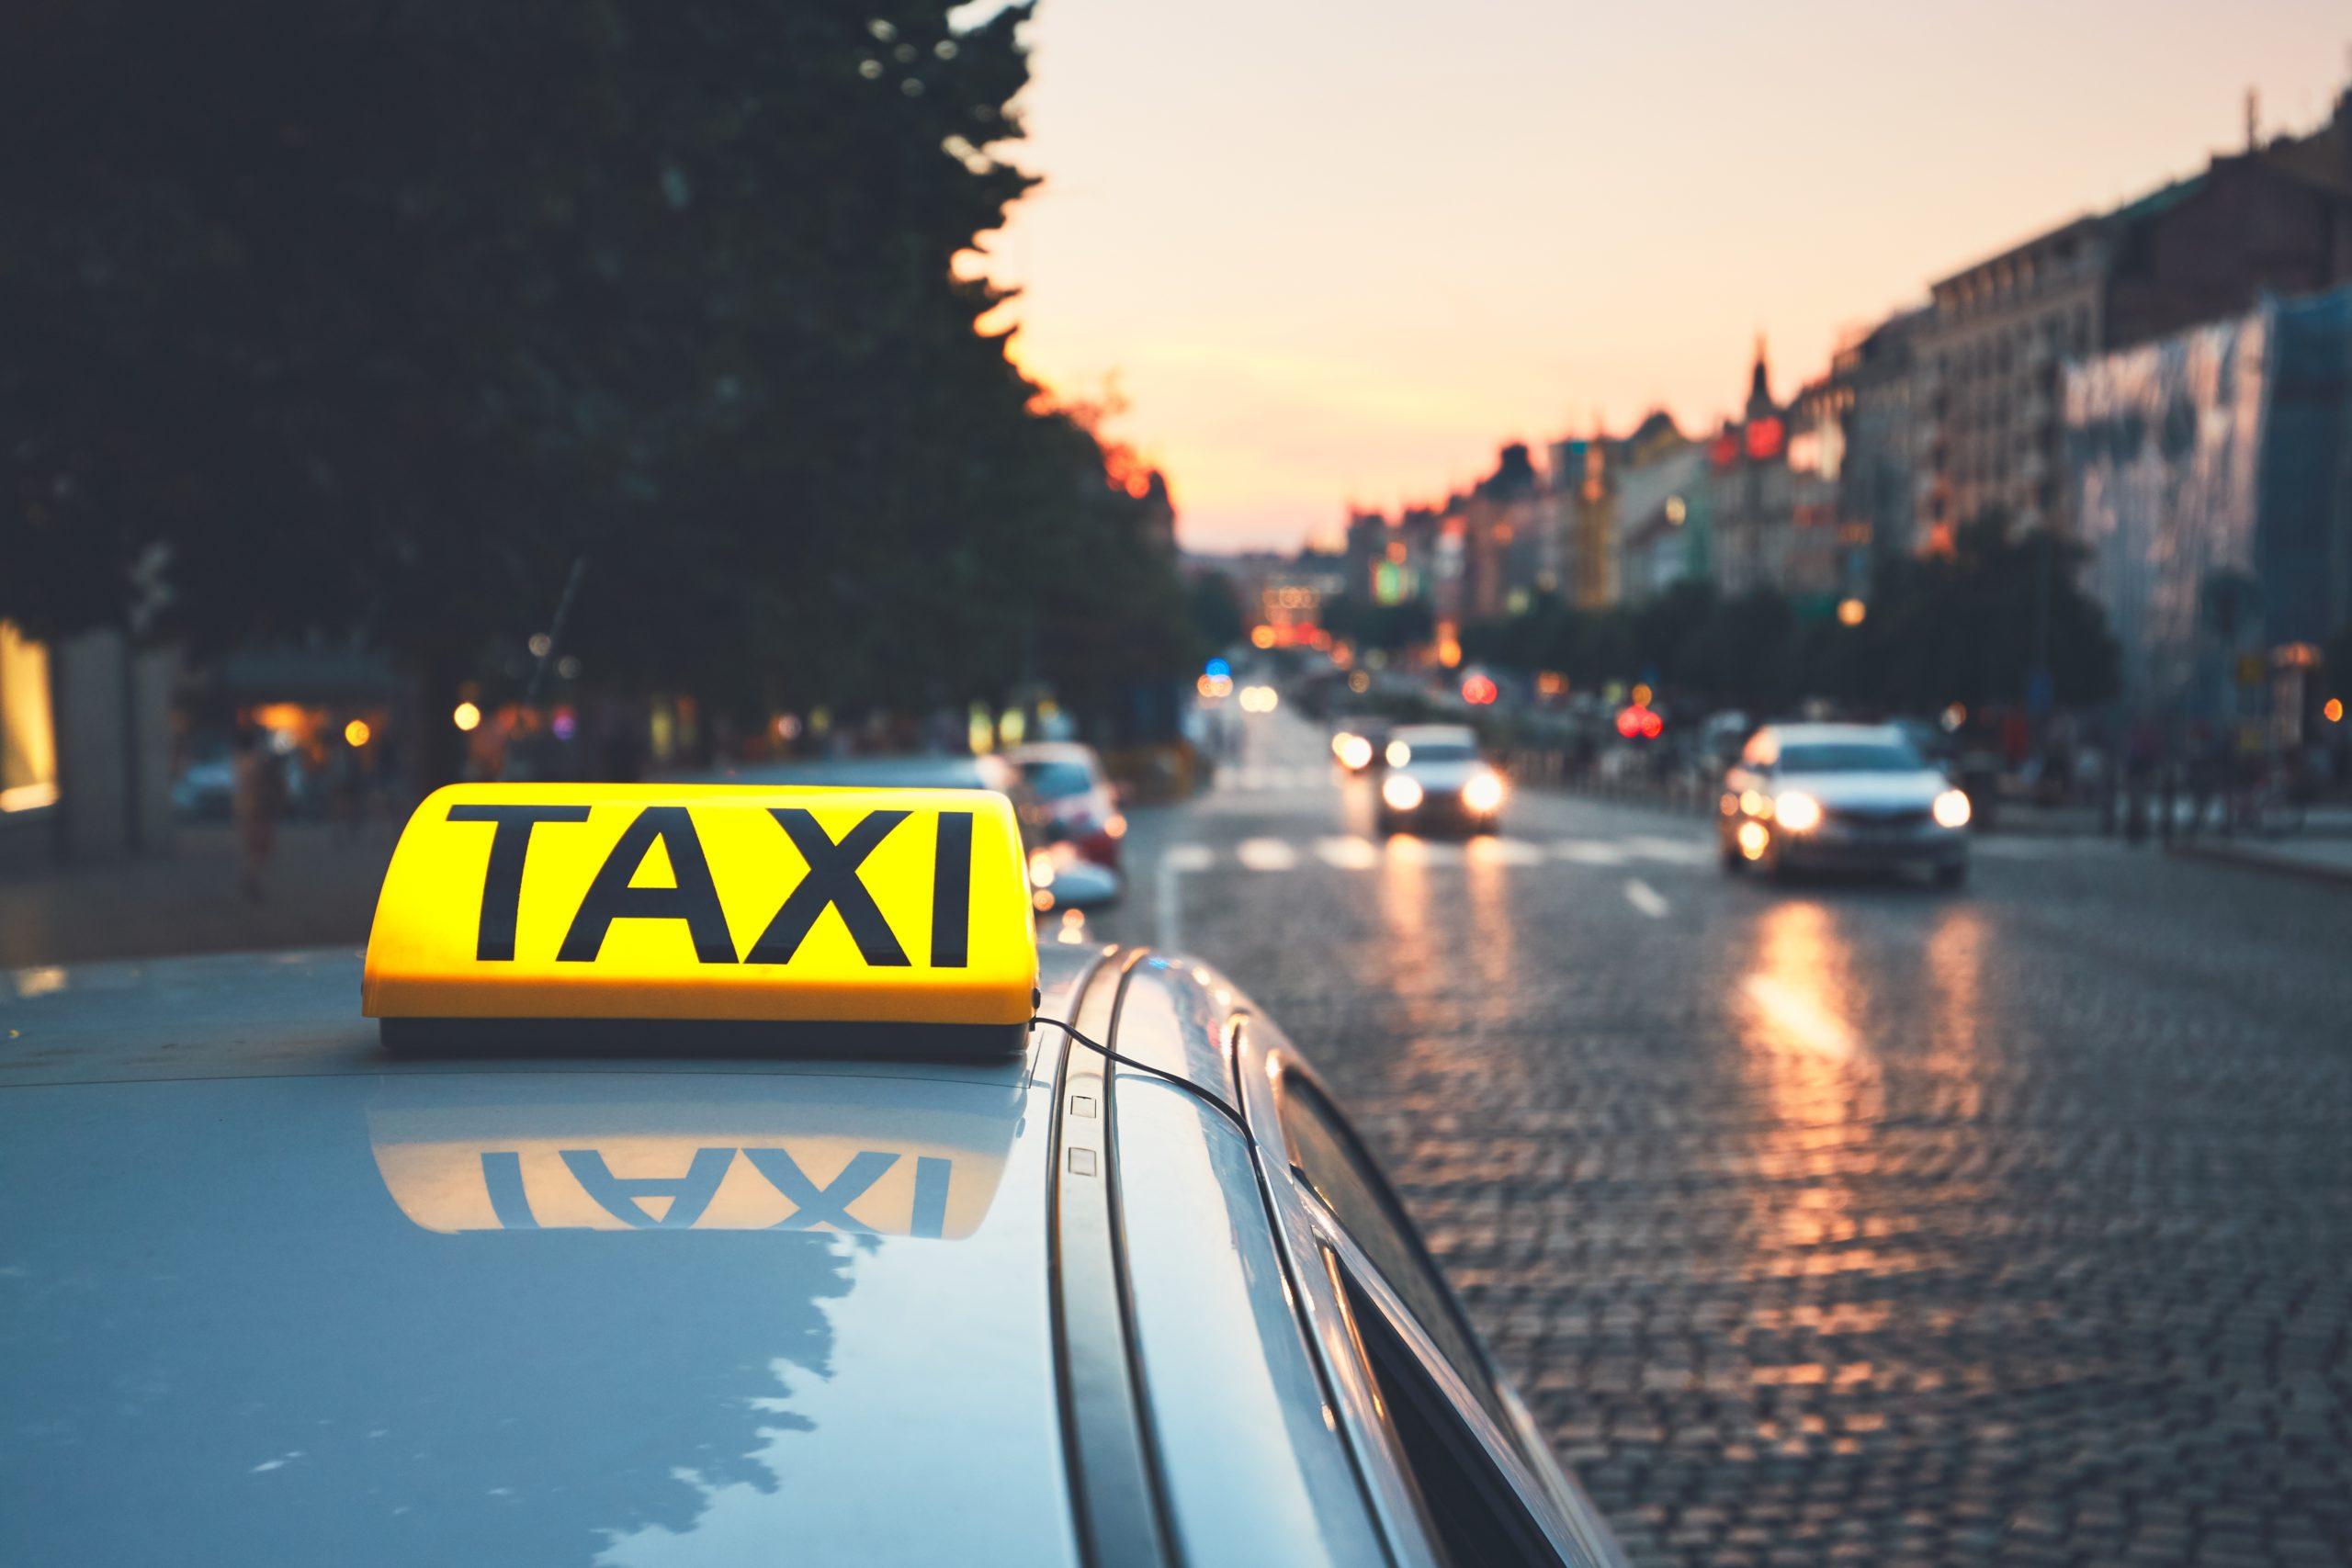 Taxi Car On City Street